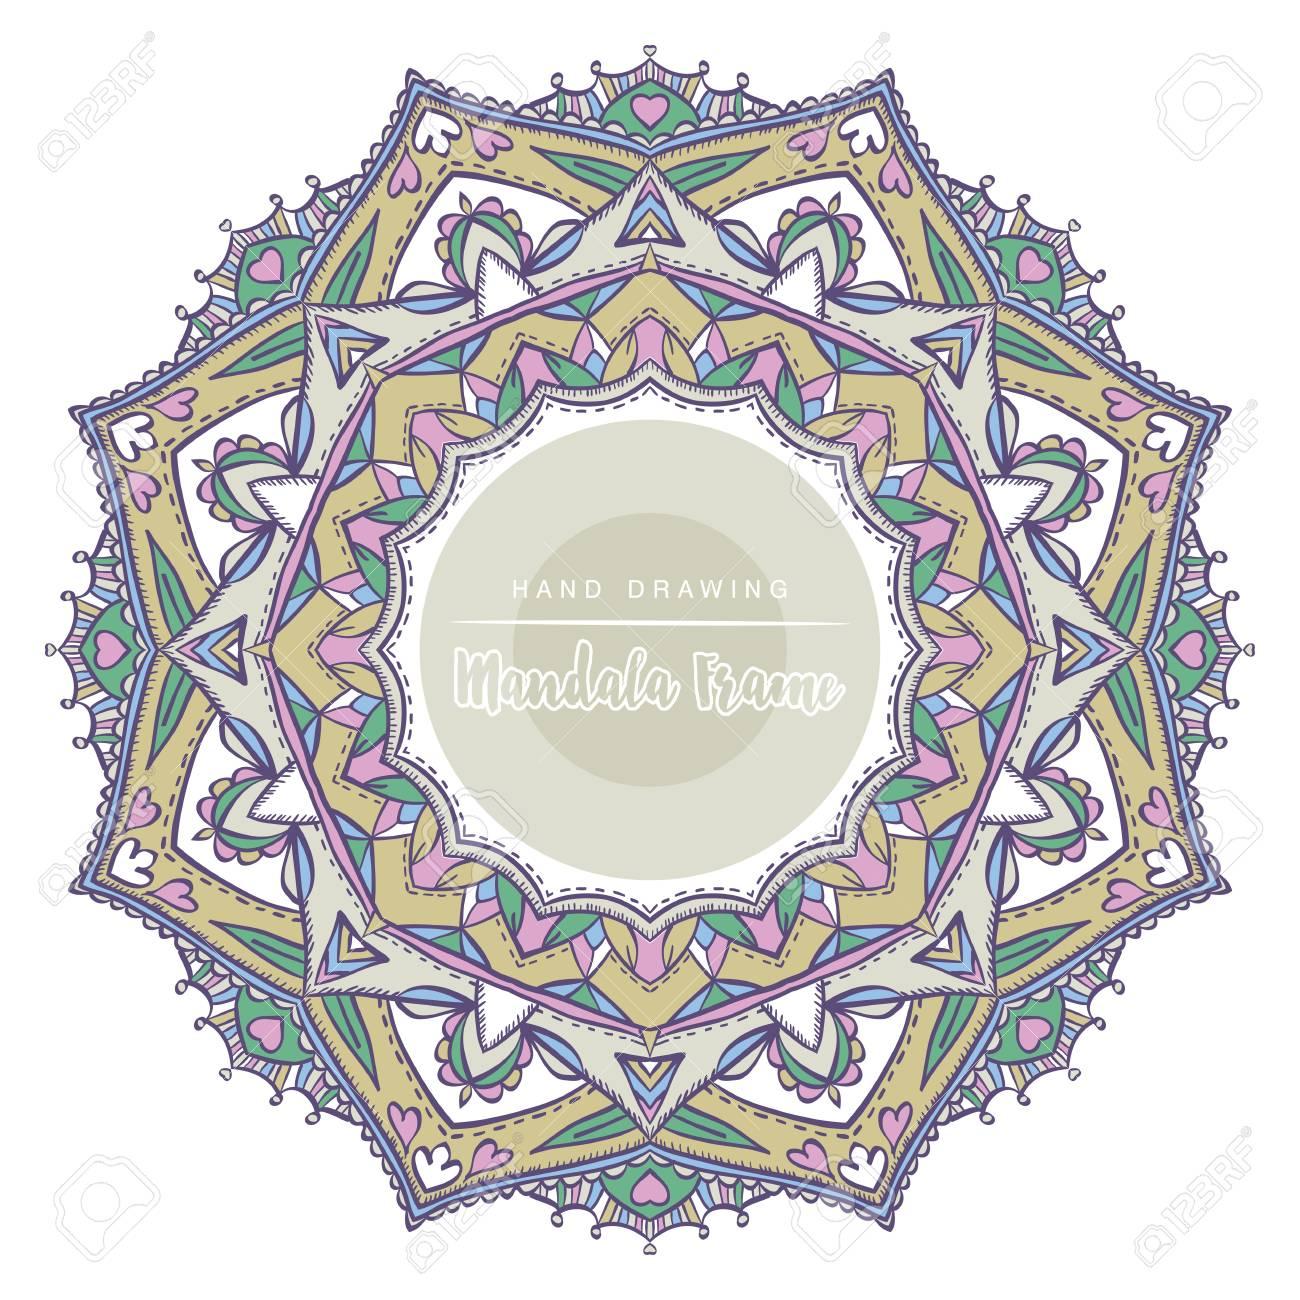 Coloriage Mandala Couleur.Mandala De Couleur Avec Des Elements Decoratifs Floraux Patterned